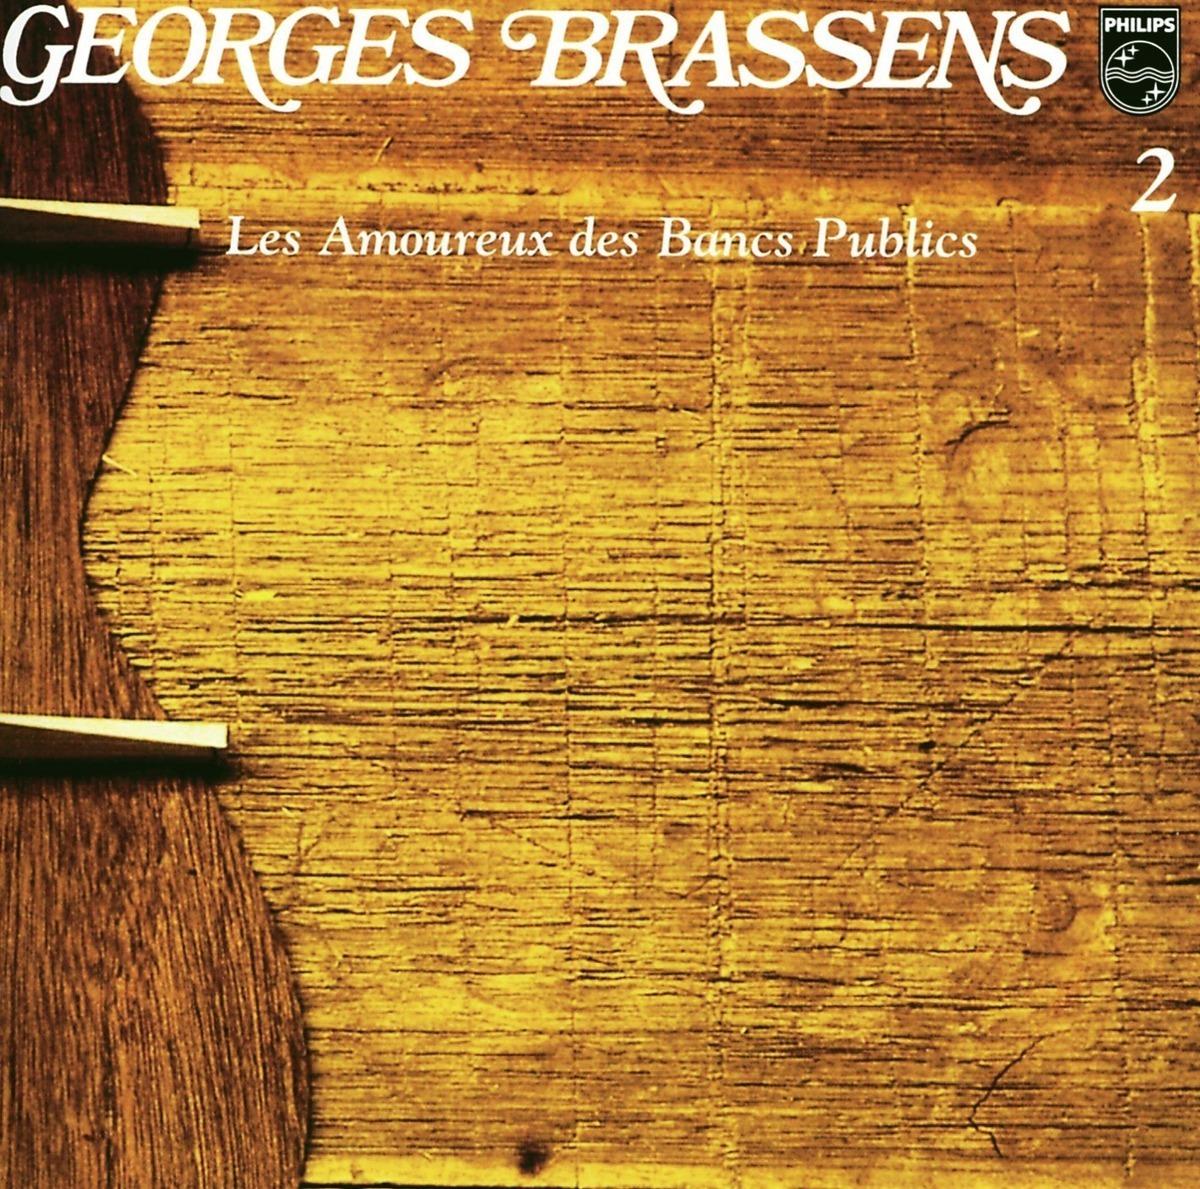 Georges brassens 1921 1981 france loisirs suisse - Les amoureux des bancs publics brassens ...